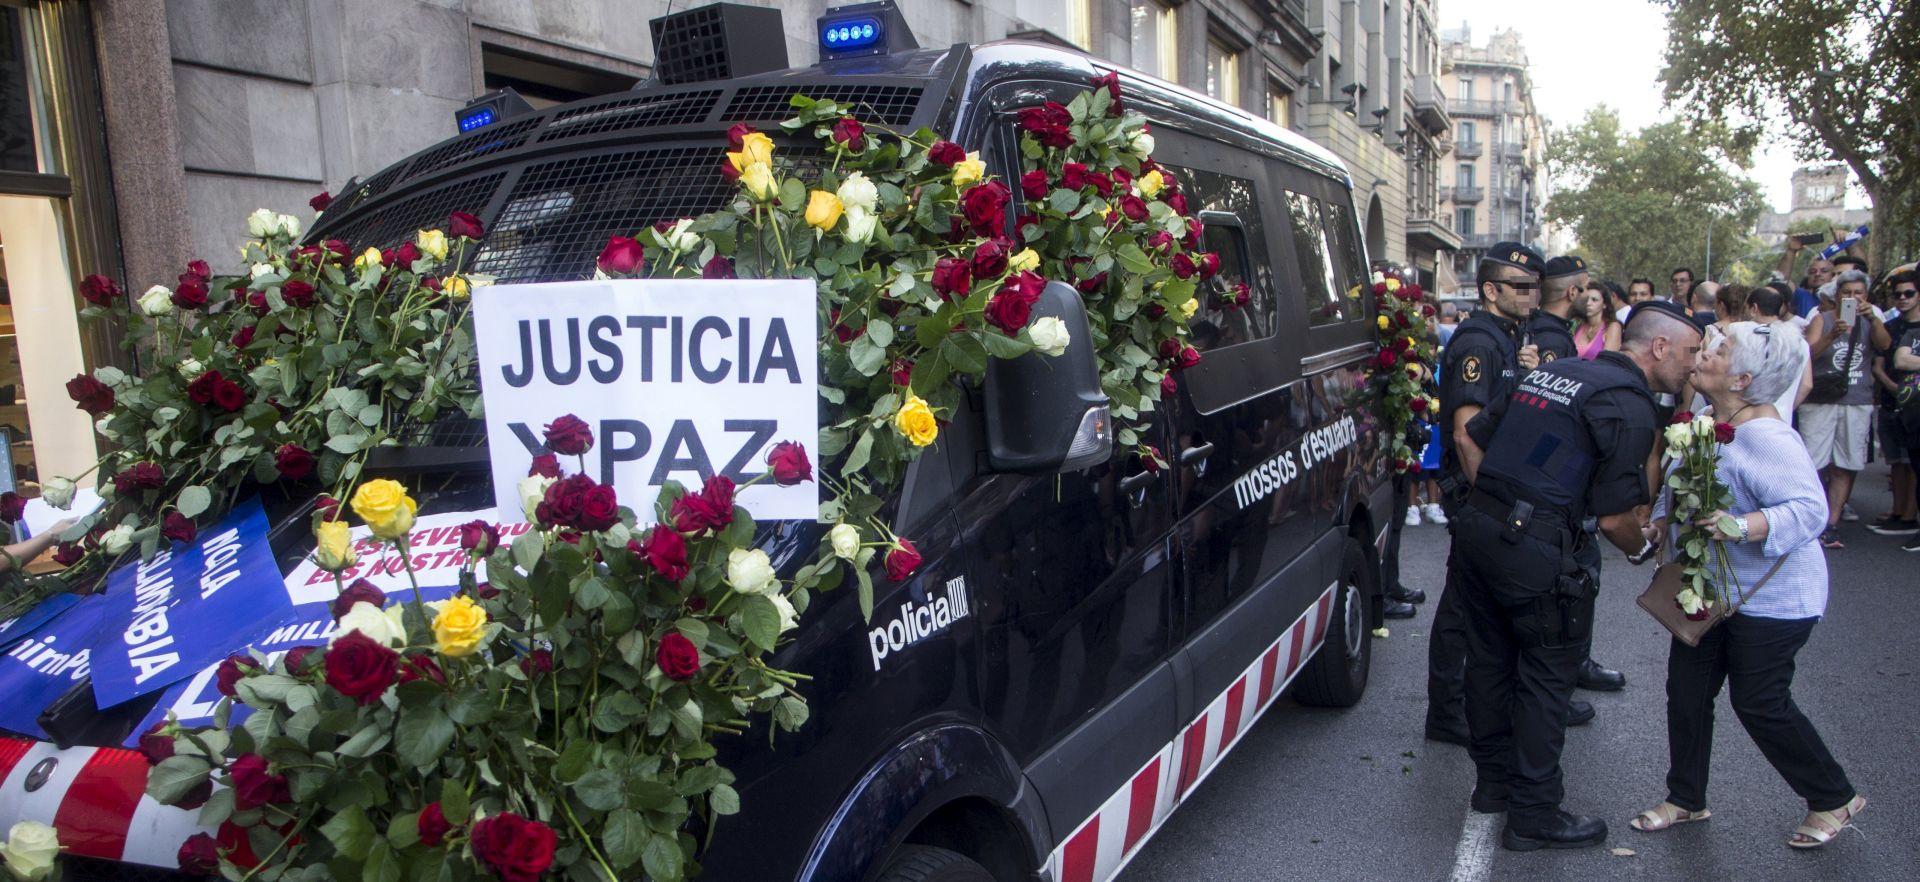 """500 TISUĆA LJUDI SE """"NE BOJI"""" """"Napad se dogodio na Laa Ramblasu, u srcu grada, teško smo pogođeni"""","""